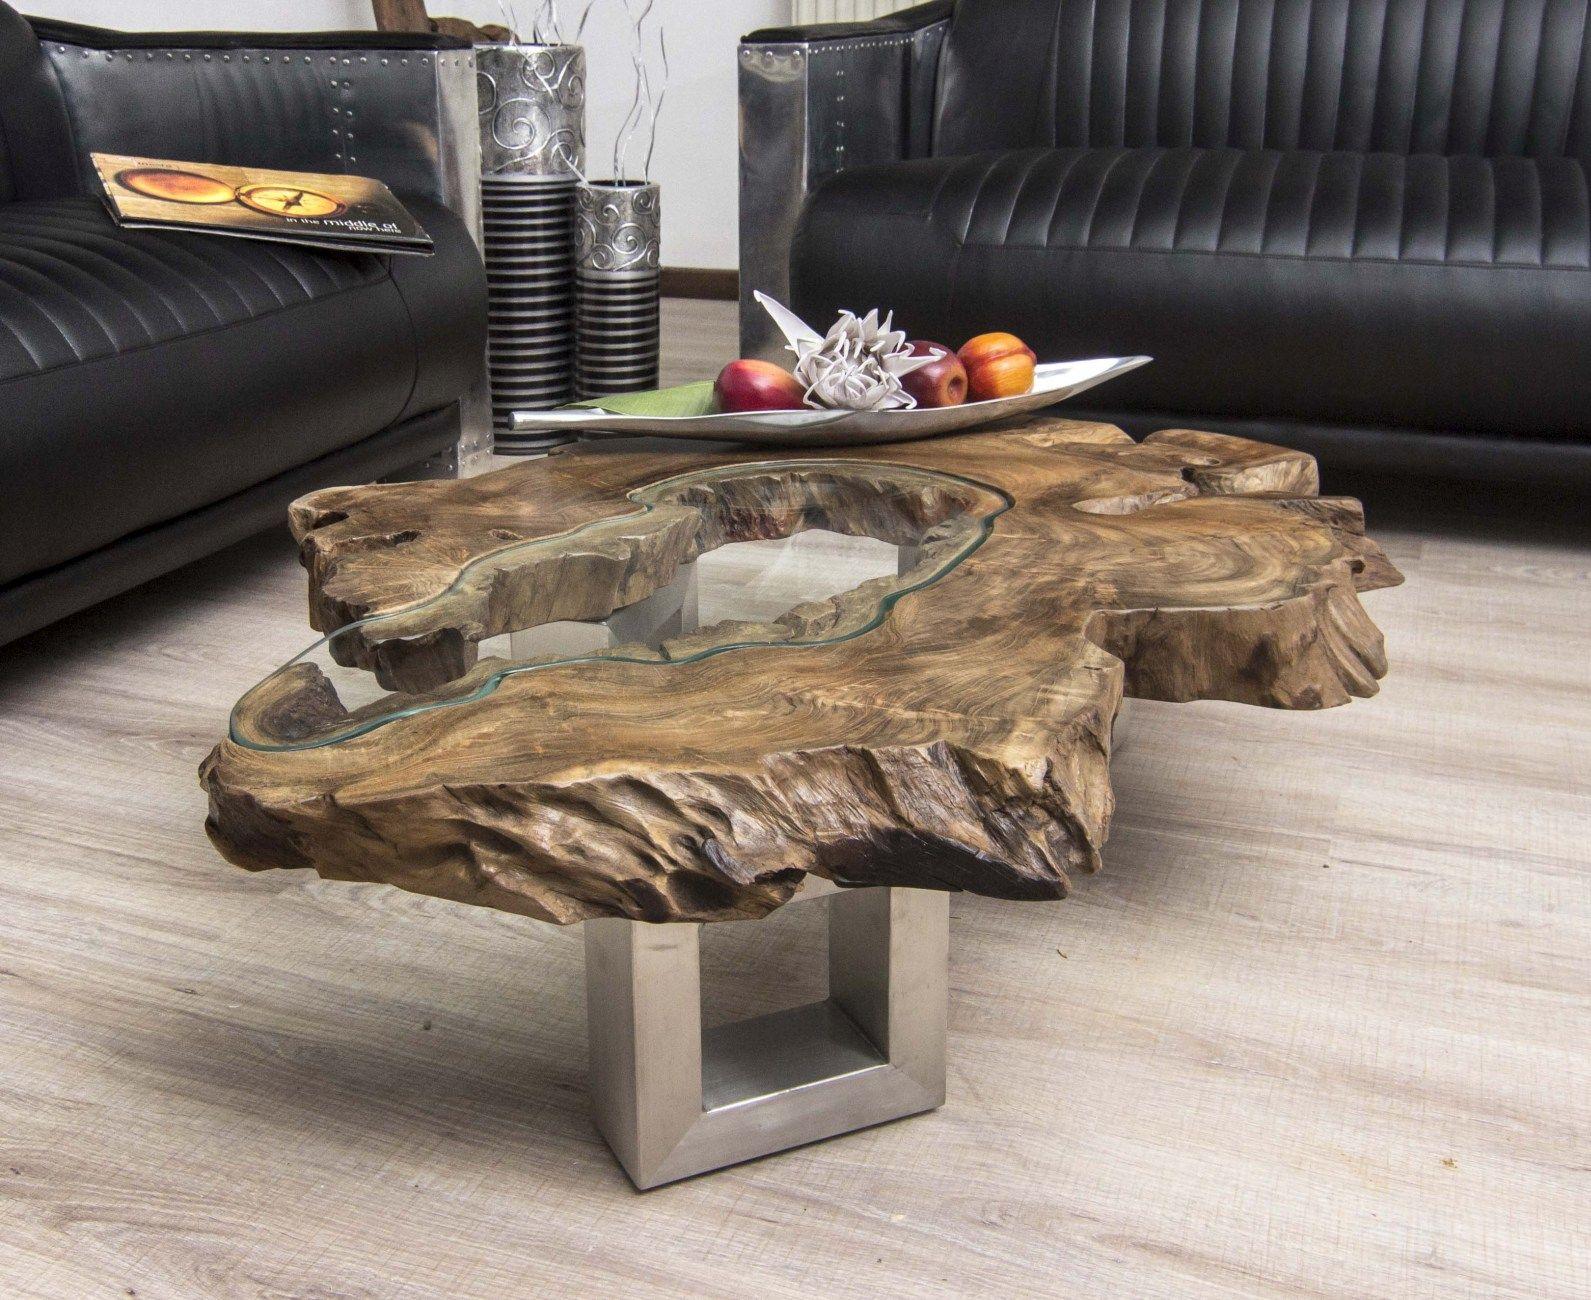 Holztisch wohnzimmer ~ Runder tisch wohnzimmer wohnzimmer tisch couchtisch runder tisch